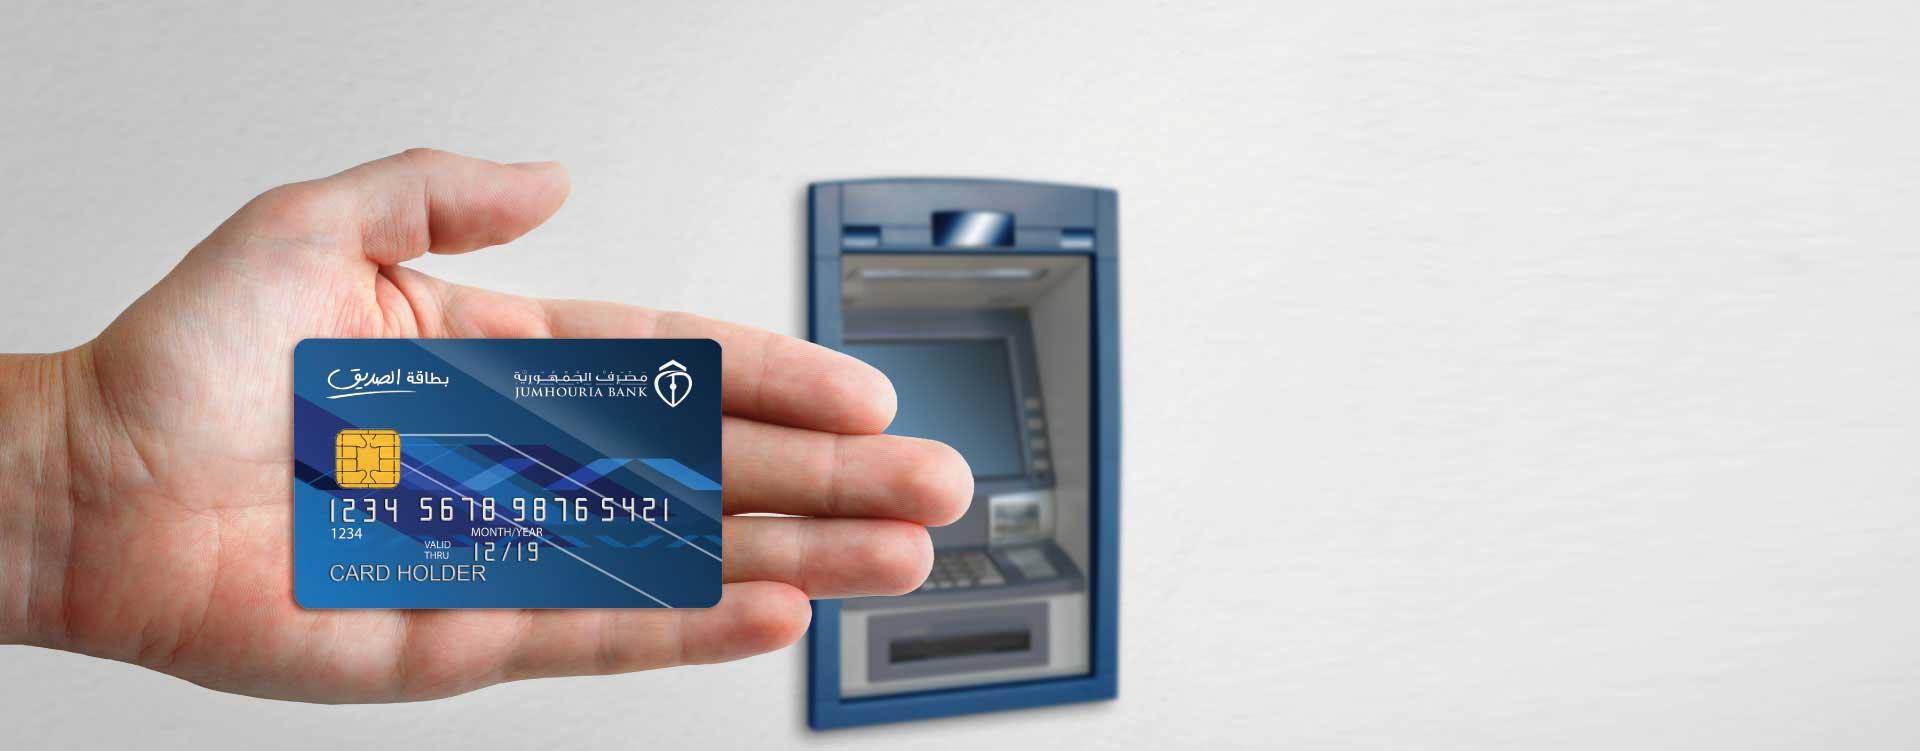 حسابك بمتناول اليد مع بطاقة الصديق!